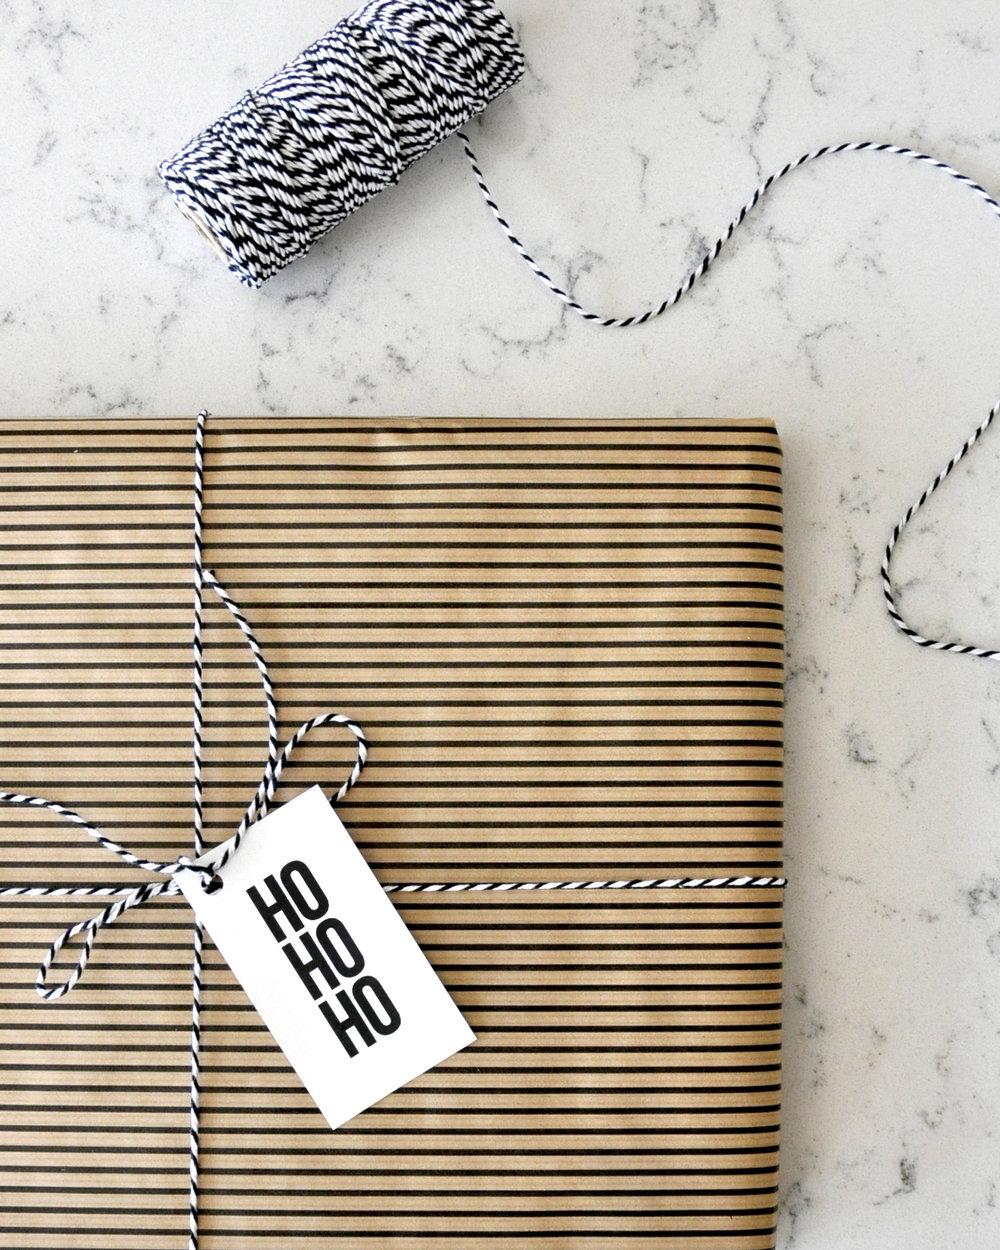 swellmadeco-gifttags-printable-1.jpg